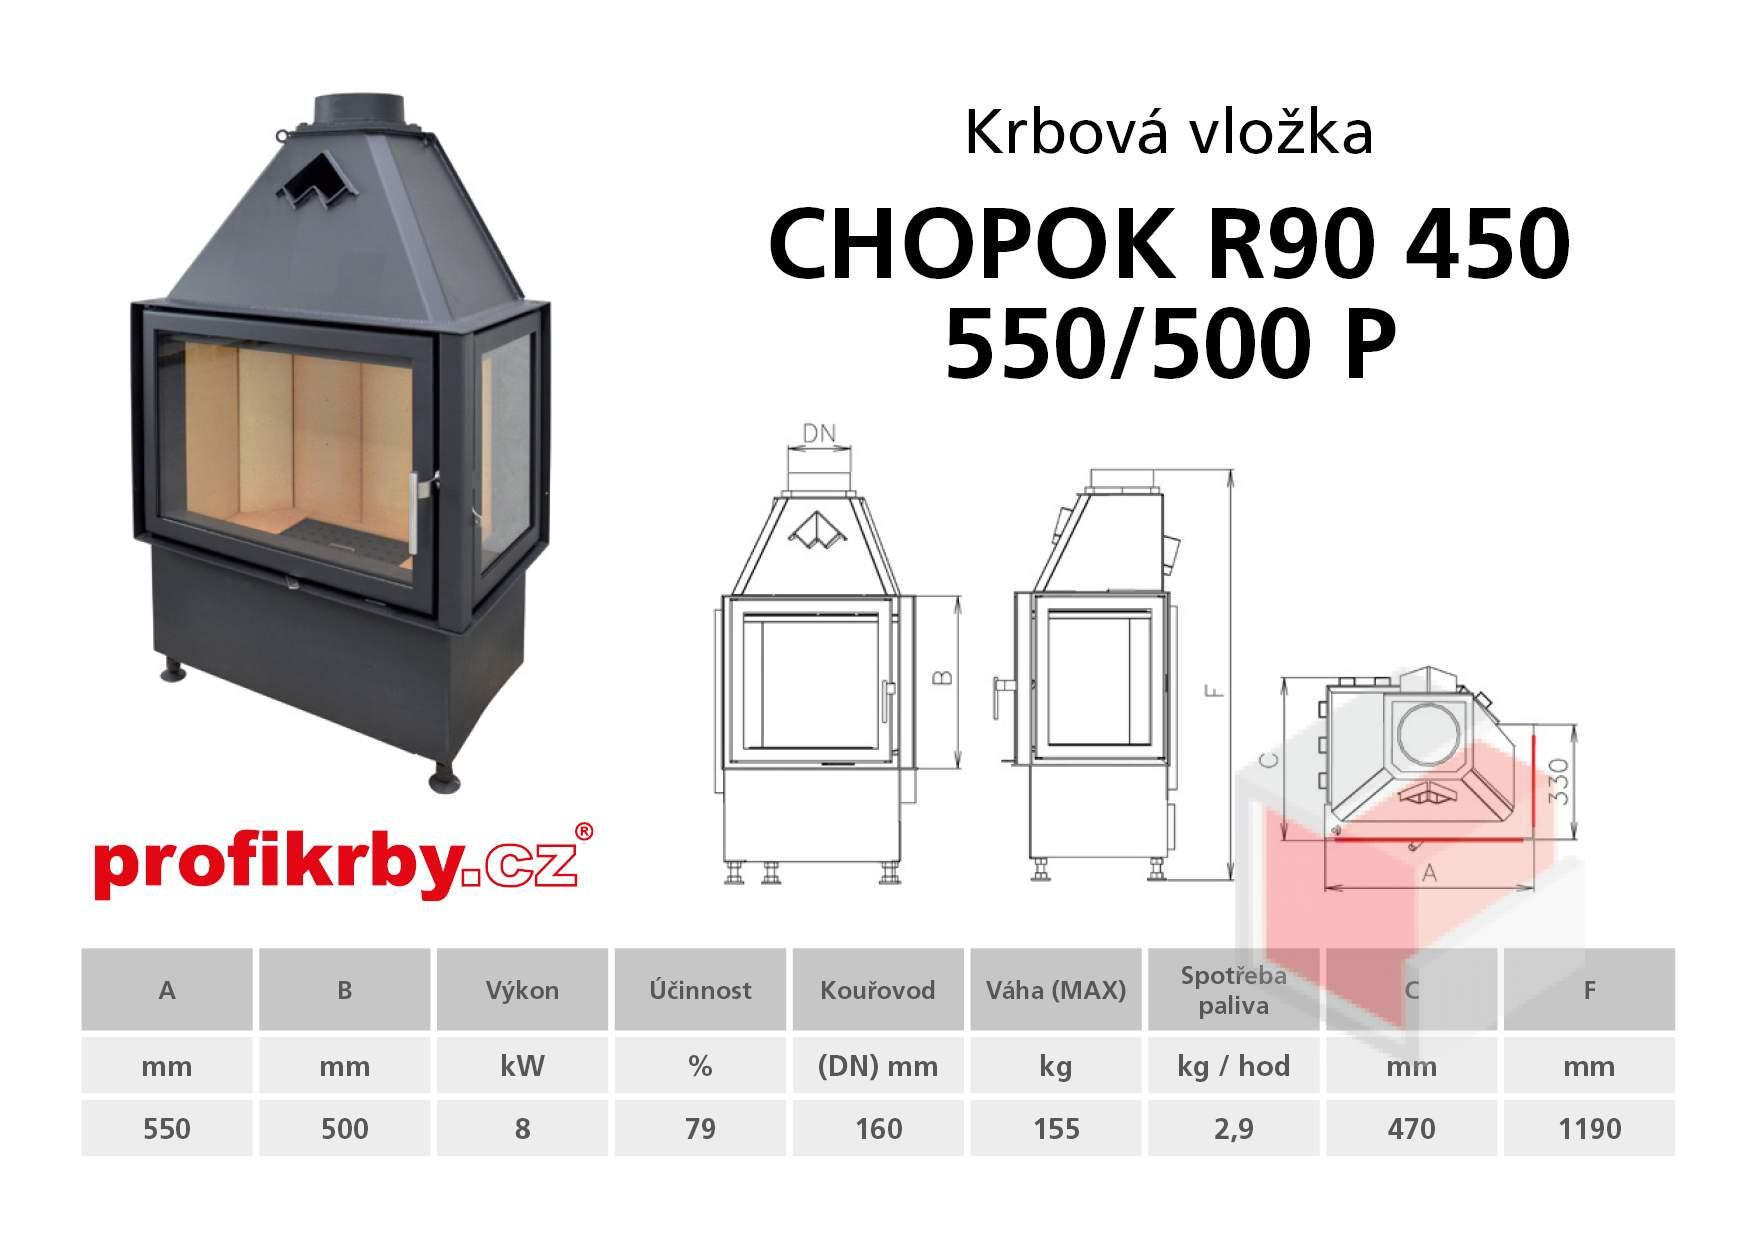 Krbová vložka CHOPOK R90x450 550 500 - Rohová - Dvoje dveře - Pr